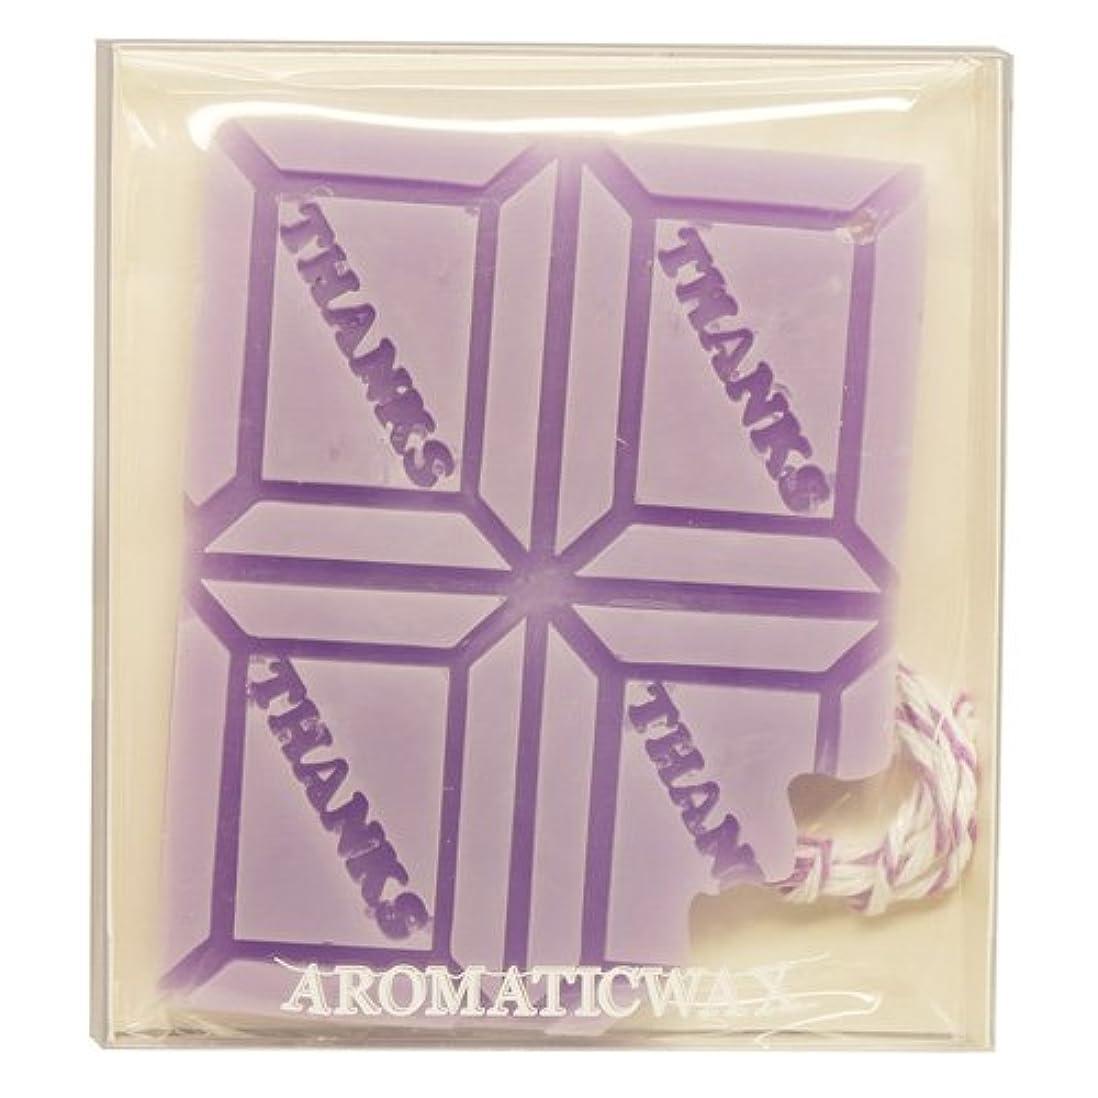 に関して証拠豆GRASSE TOKYO AROMATICWAXチャーム「板チョコ(THANKS)」(PU) ラベンダー アロマティックワックス グラーストウキョウ